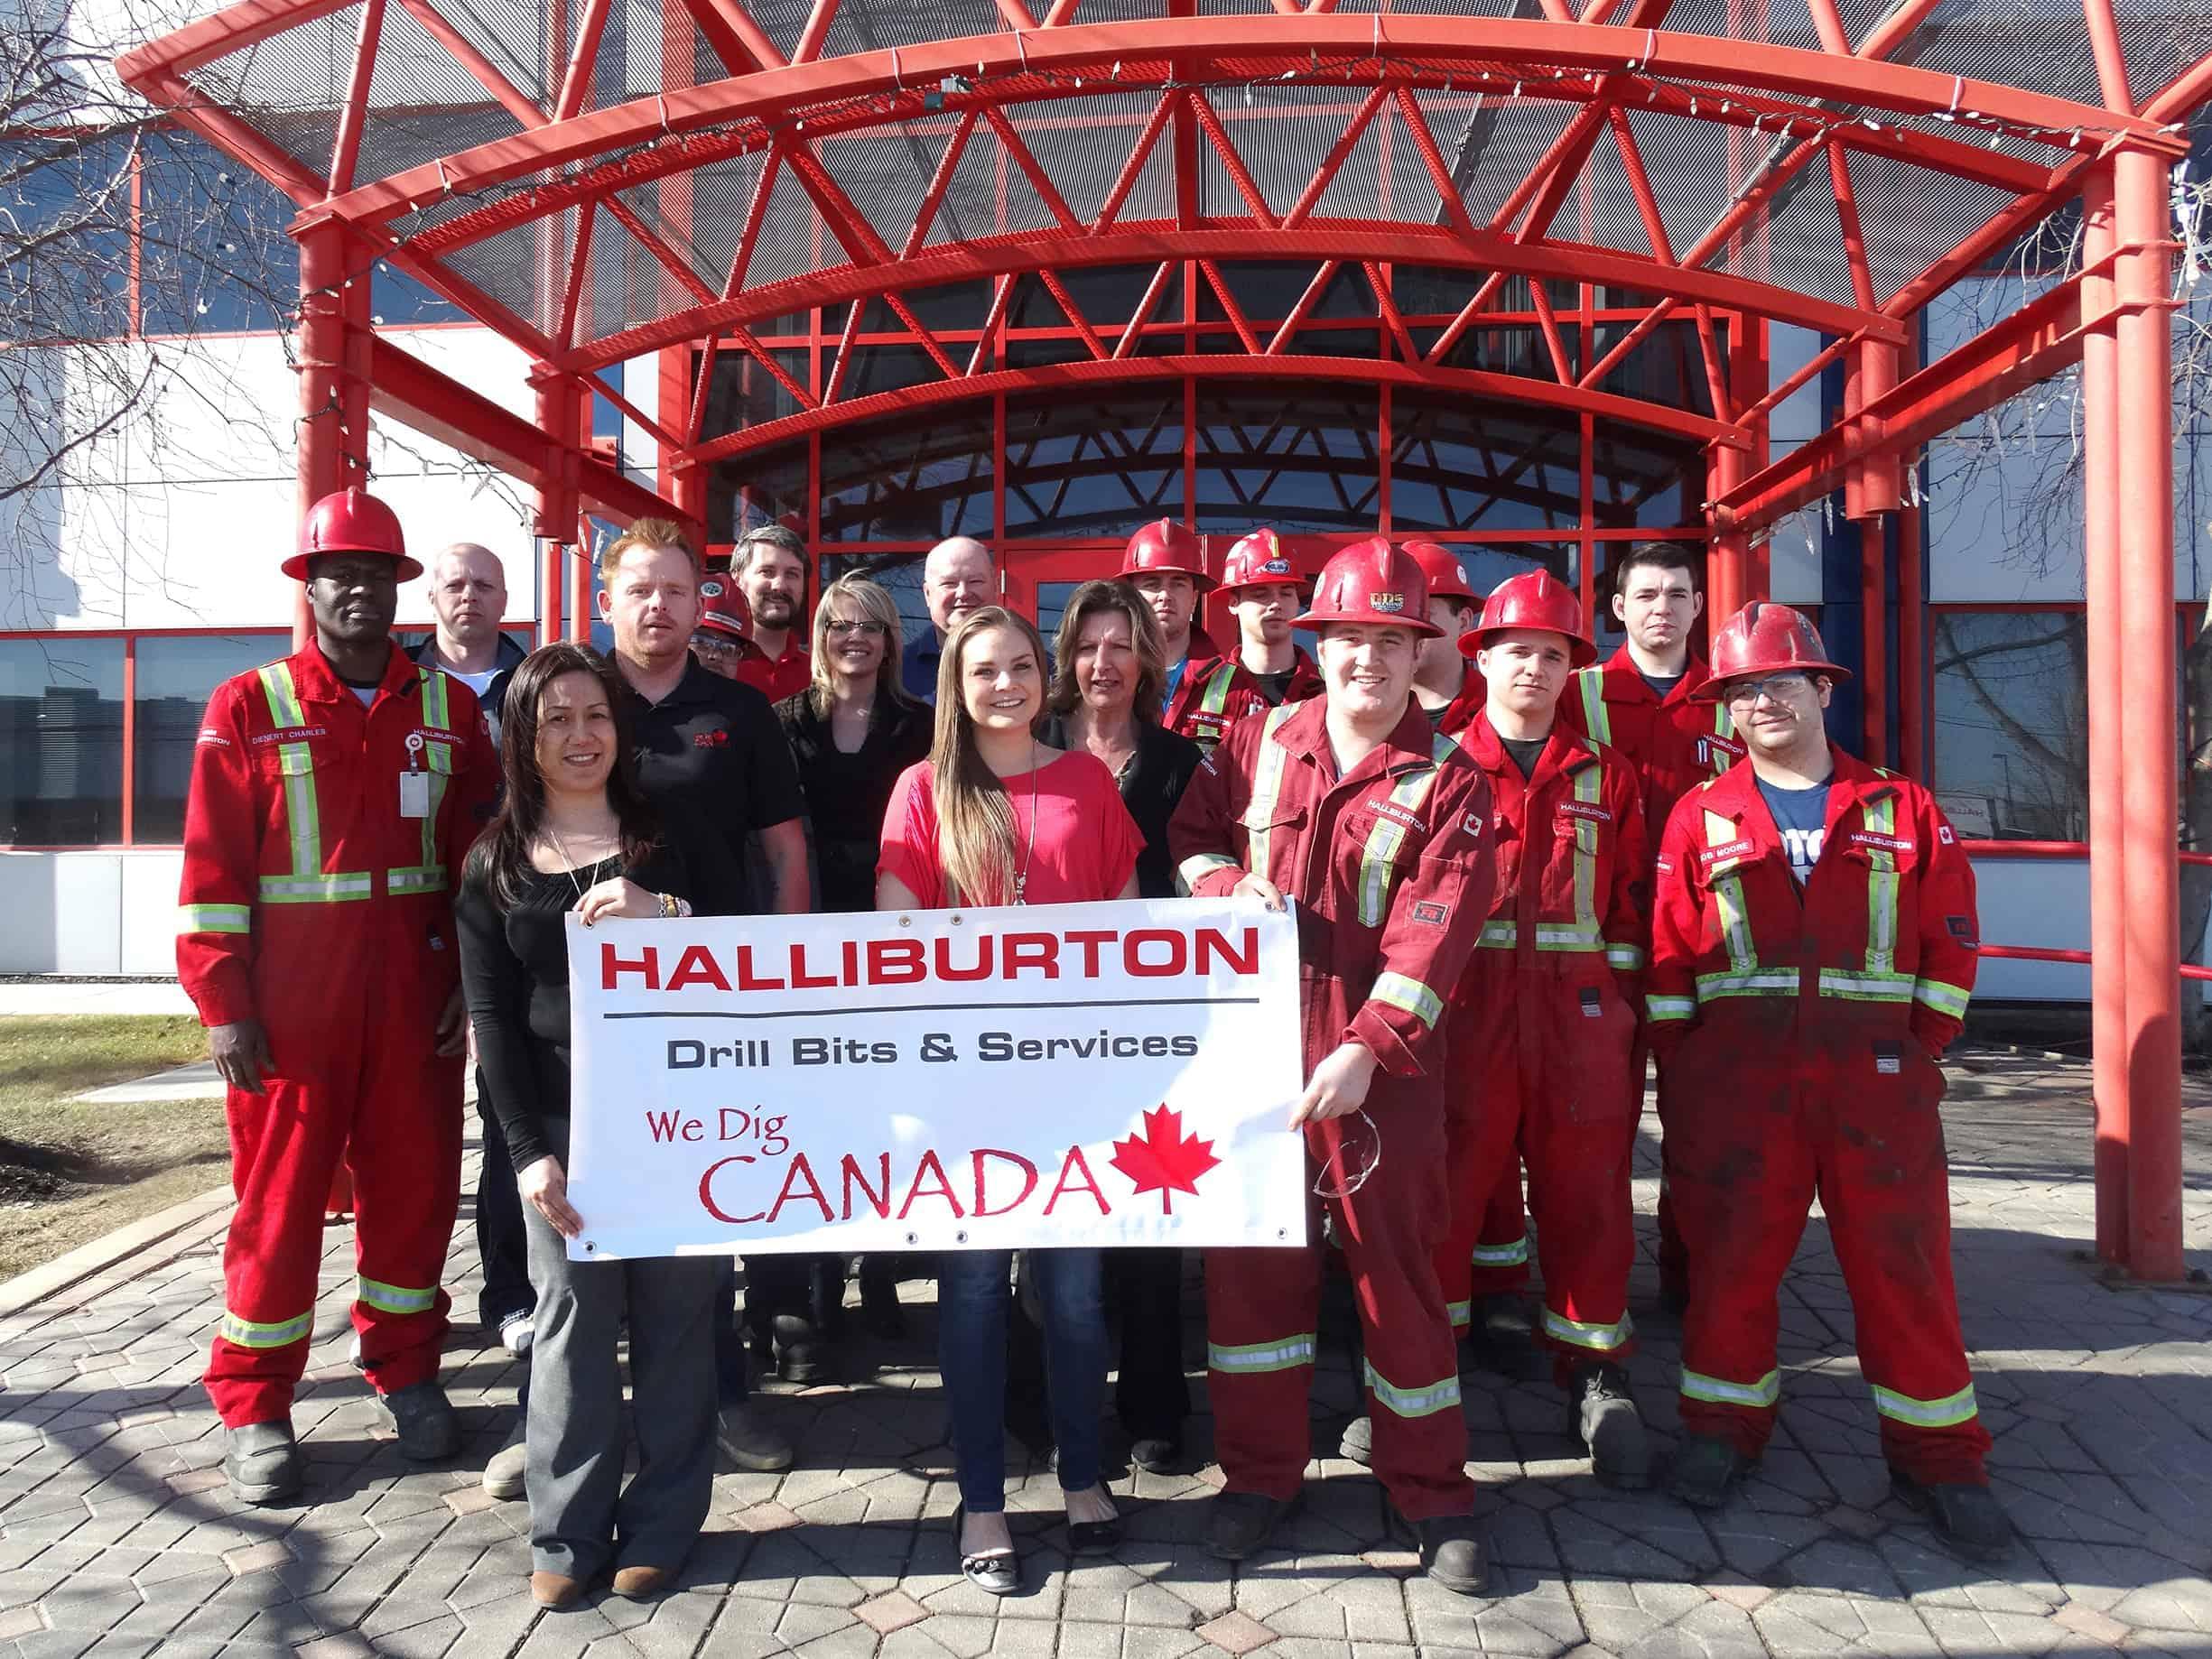 Halliburton Hiring in Bulk – Apply NOW!